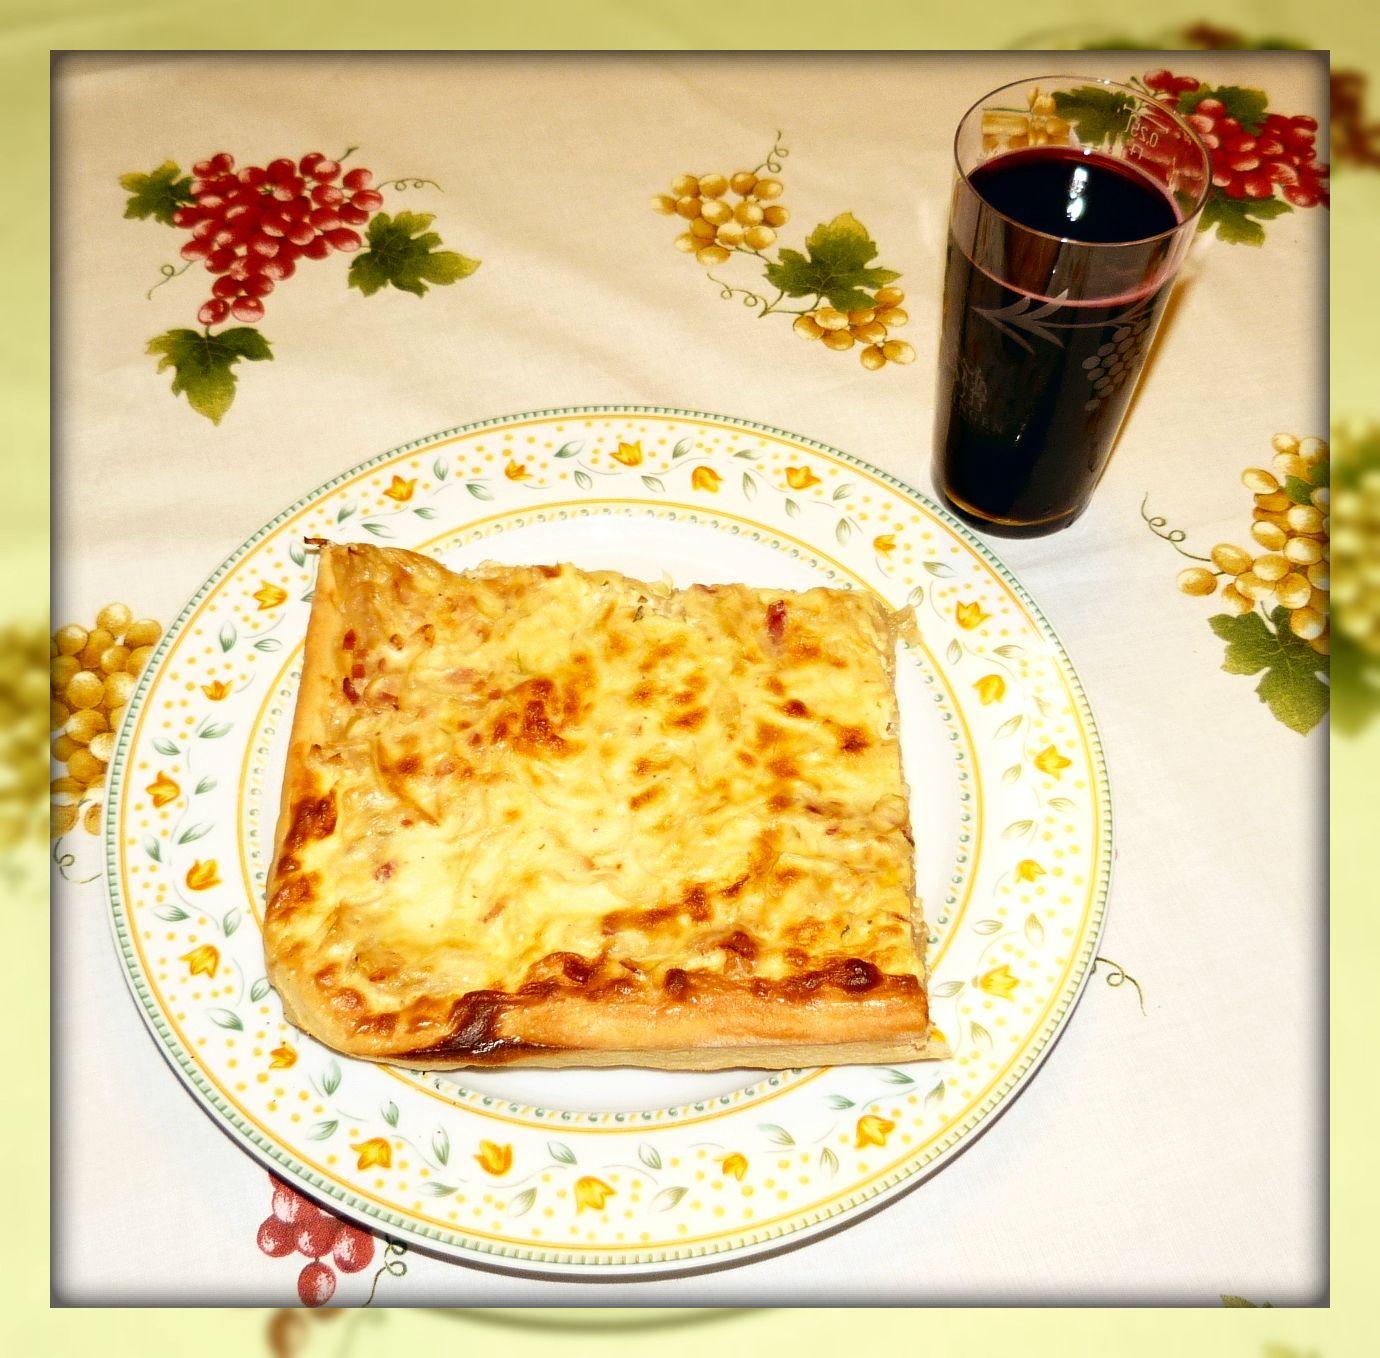 """Es ist wieder so weit, es gibt Zwiebelkuchen und neuer Wein aus Auggen (im Dialekt """"Ziibelewaie un neue Auggener Wii"""")."""